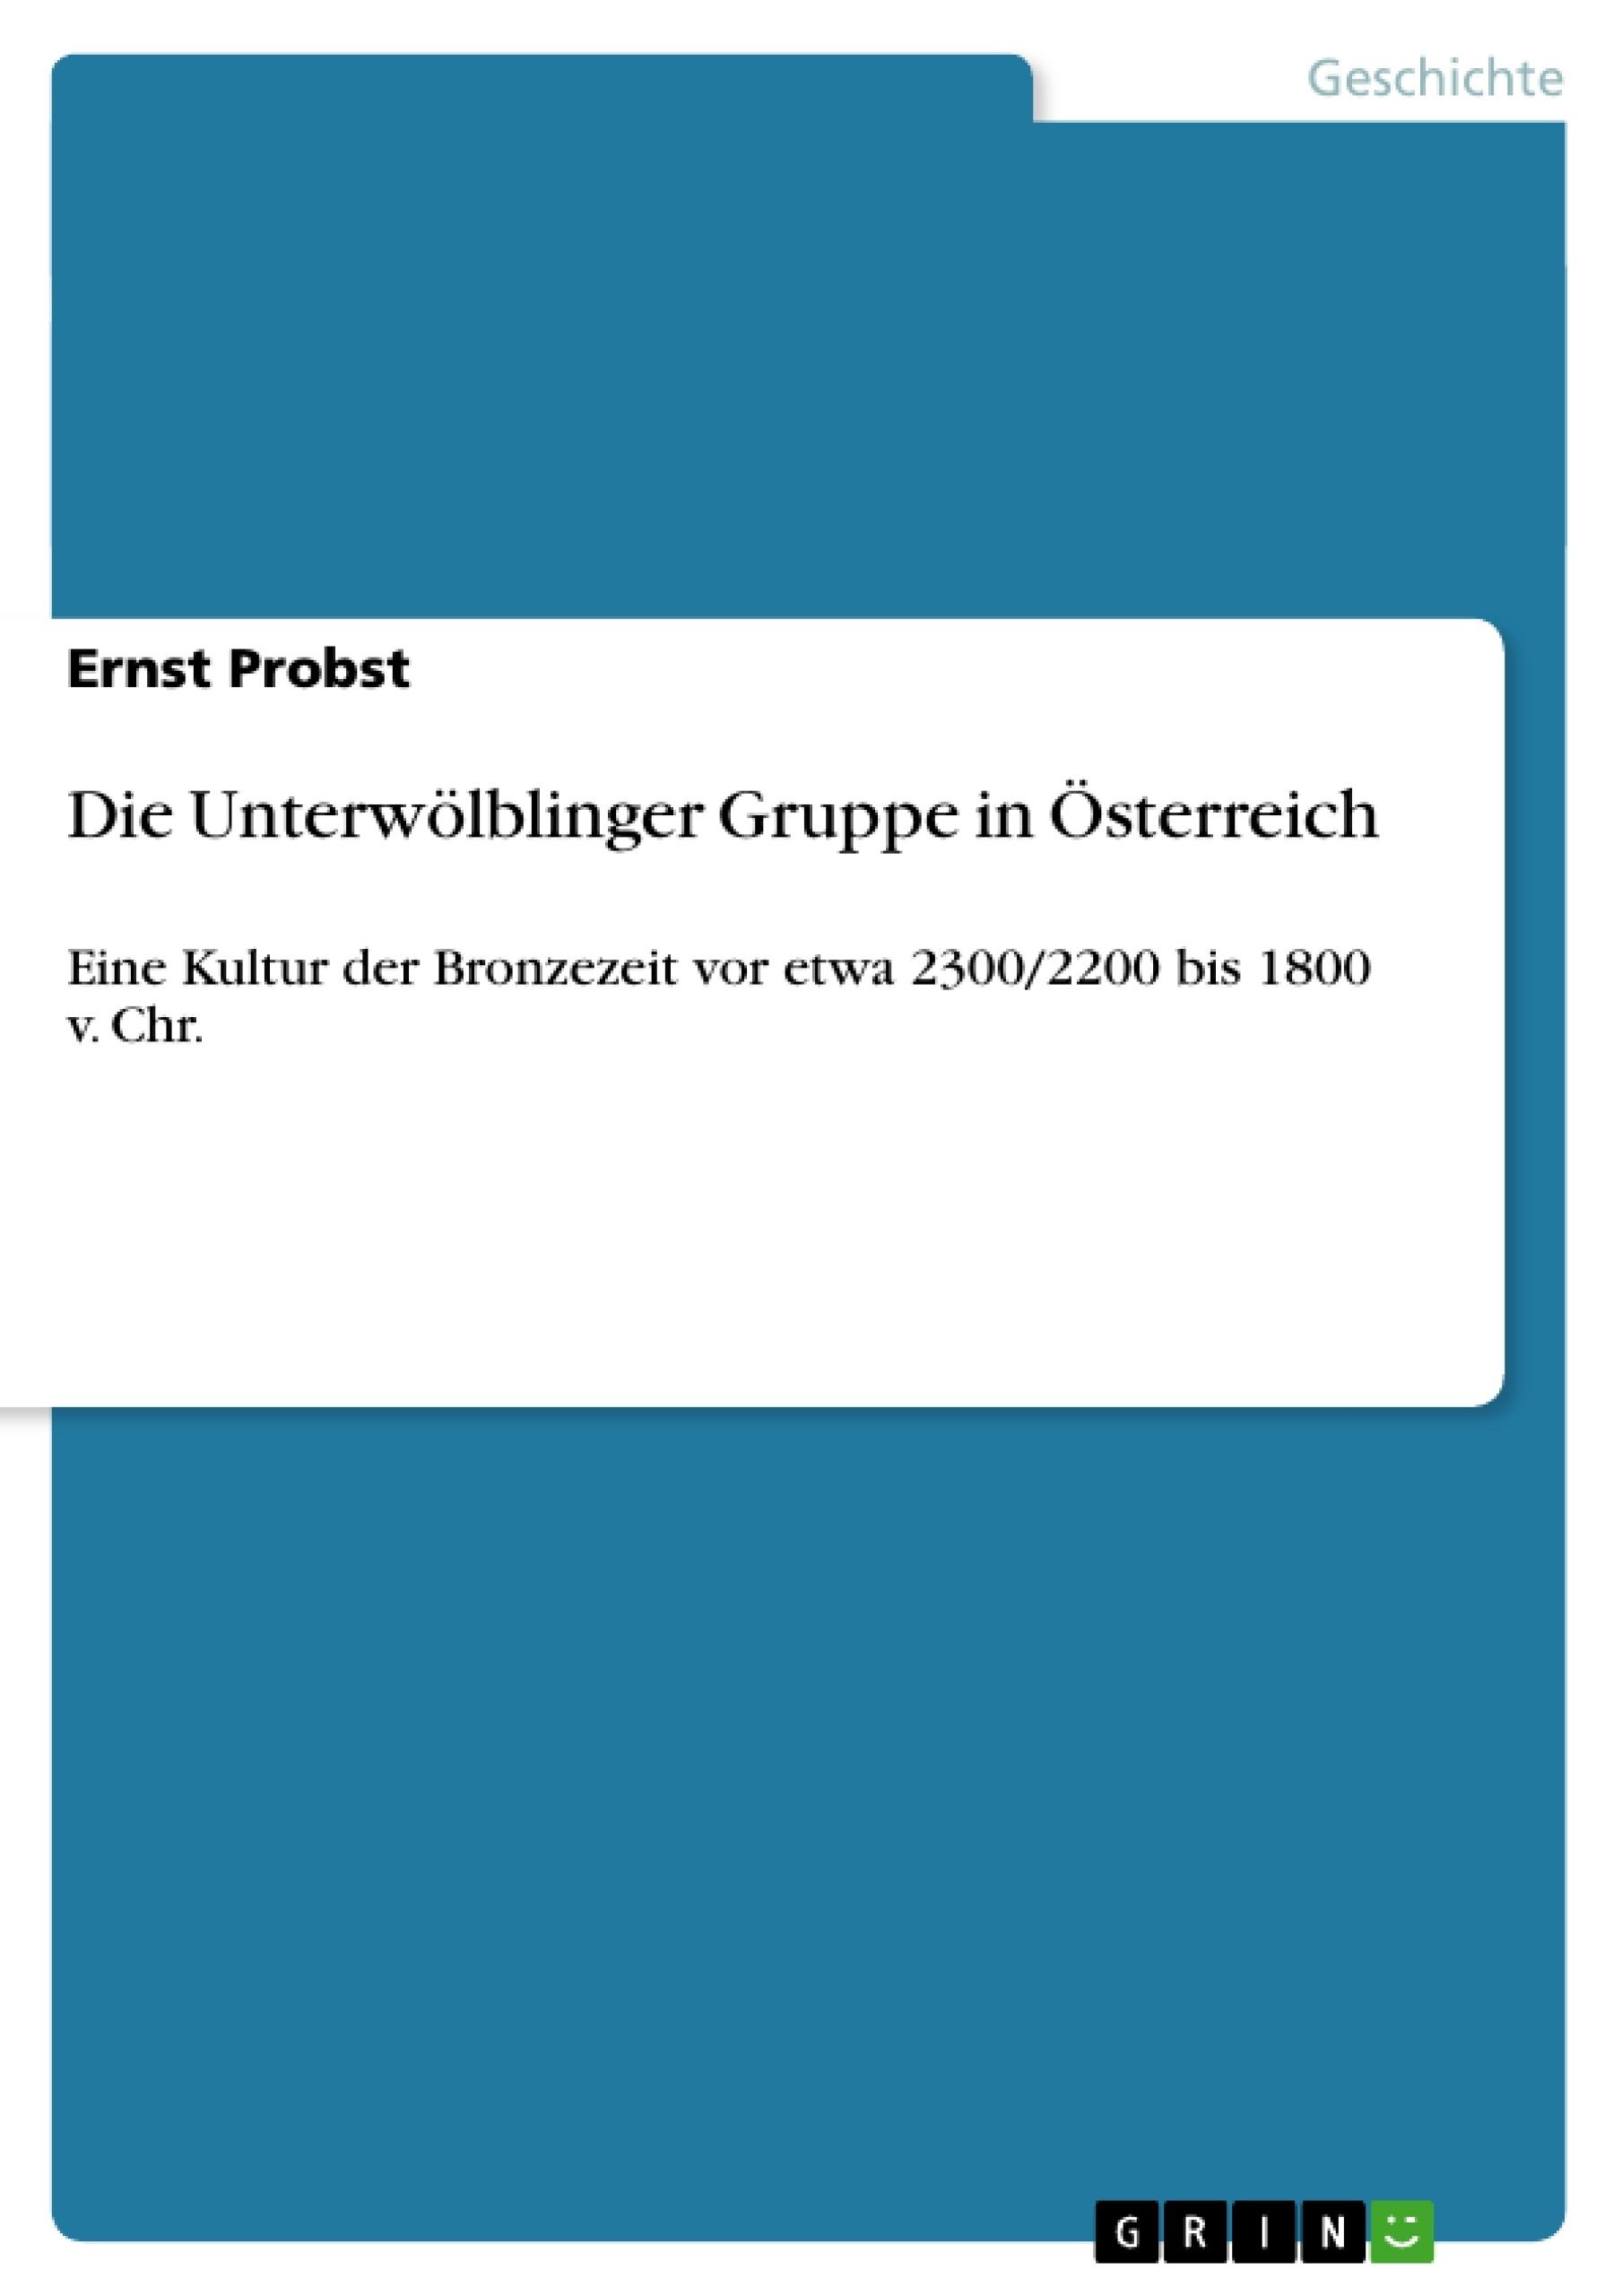 Titel: Die Unterwölblinger Gruppe in Österreich